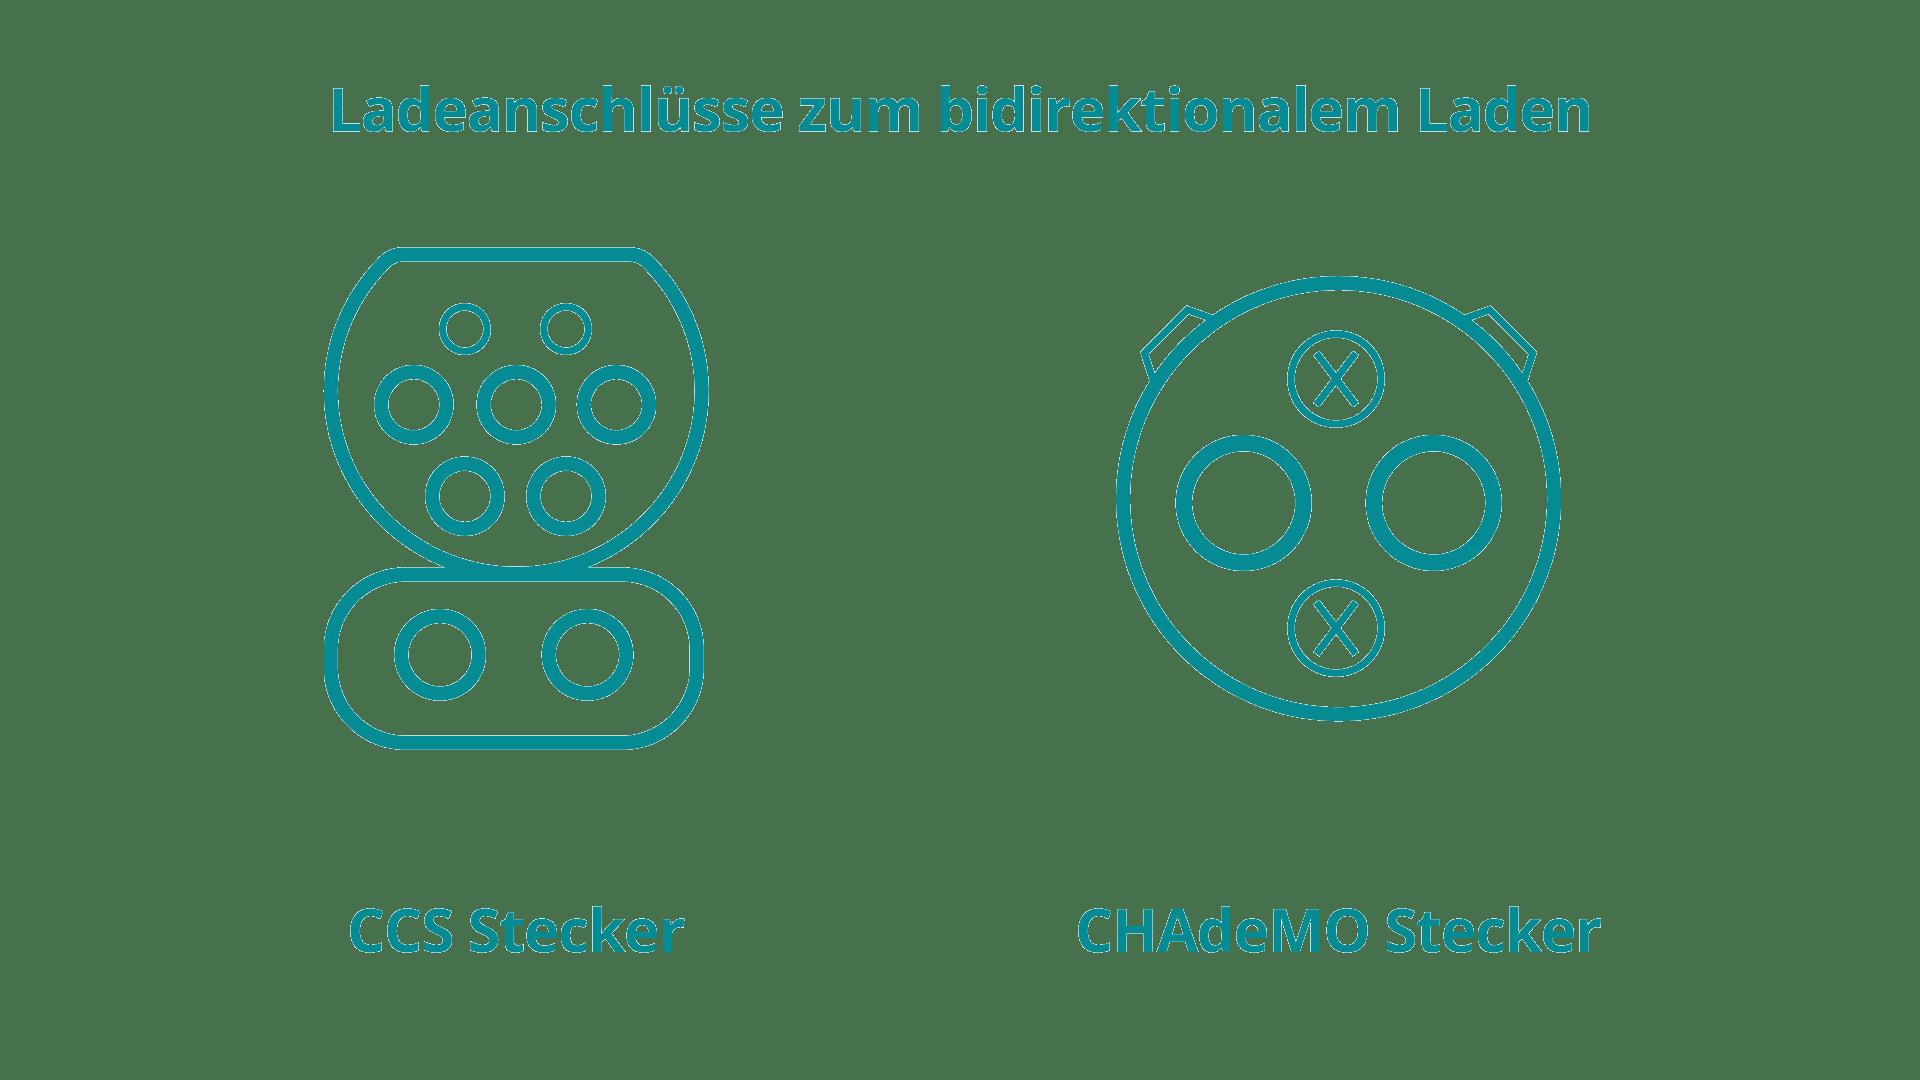 Beitragsgrafik um verschiedene Steckertypen zum bidirektionalen Laden darzustellen